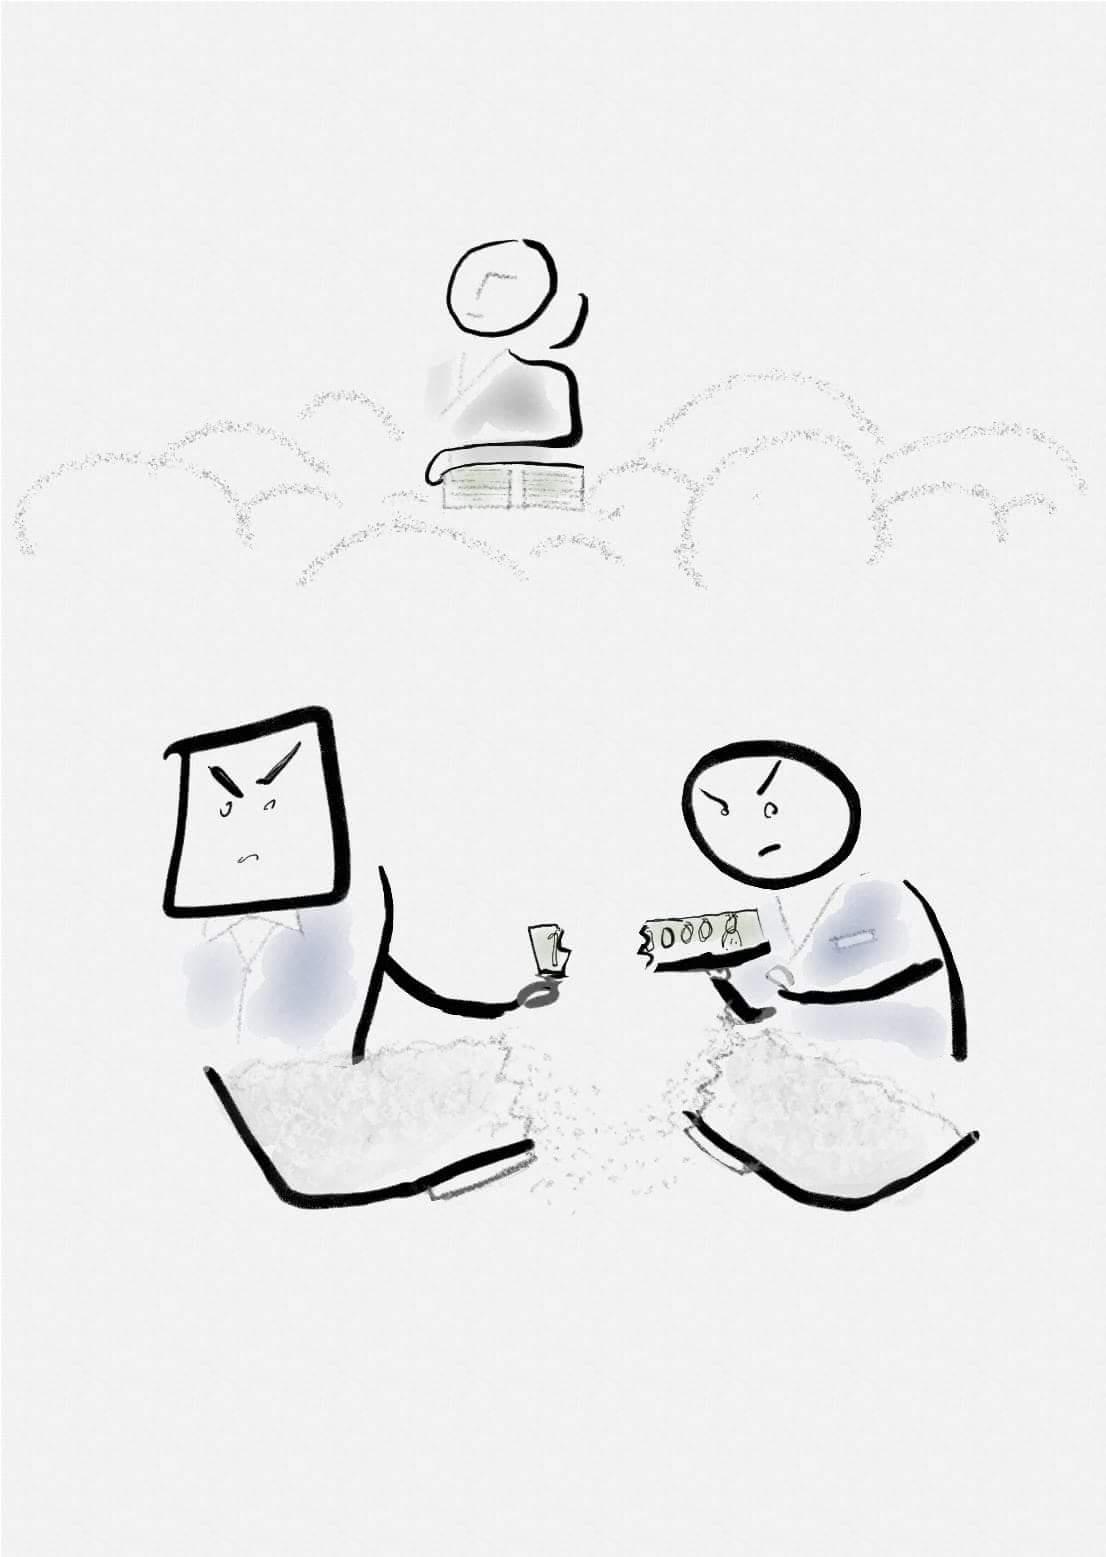 [글씨그림] 만원의 행복 이루지 못한 최저시급 만원을 풍자한 글씨그림 입니다.